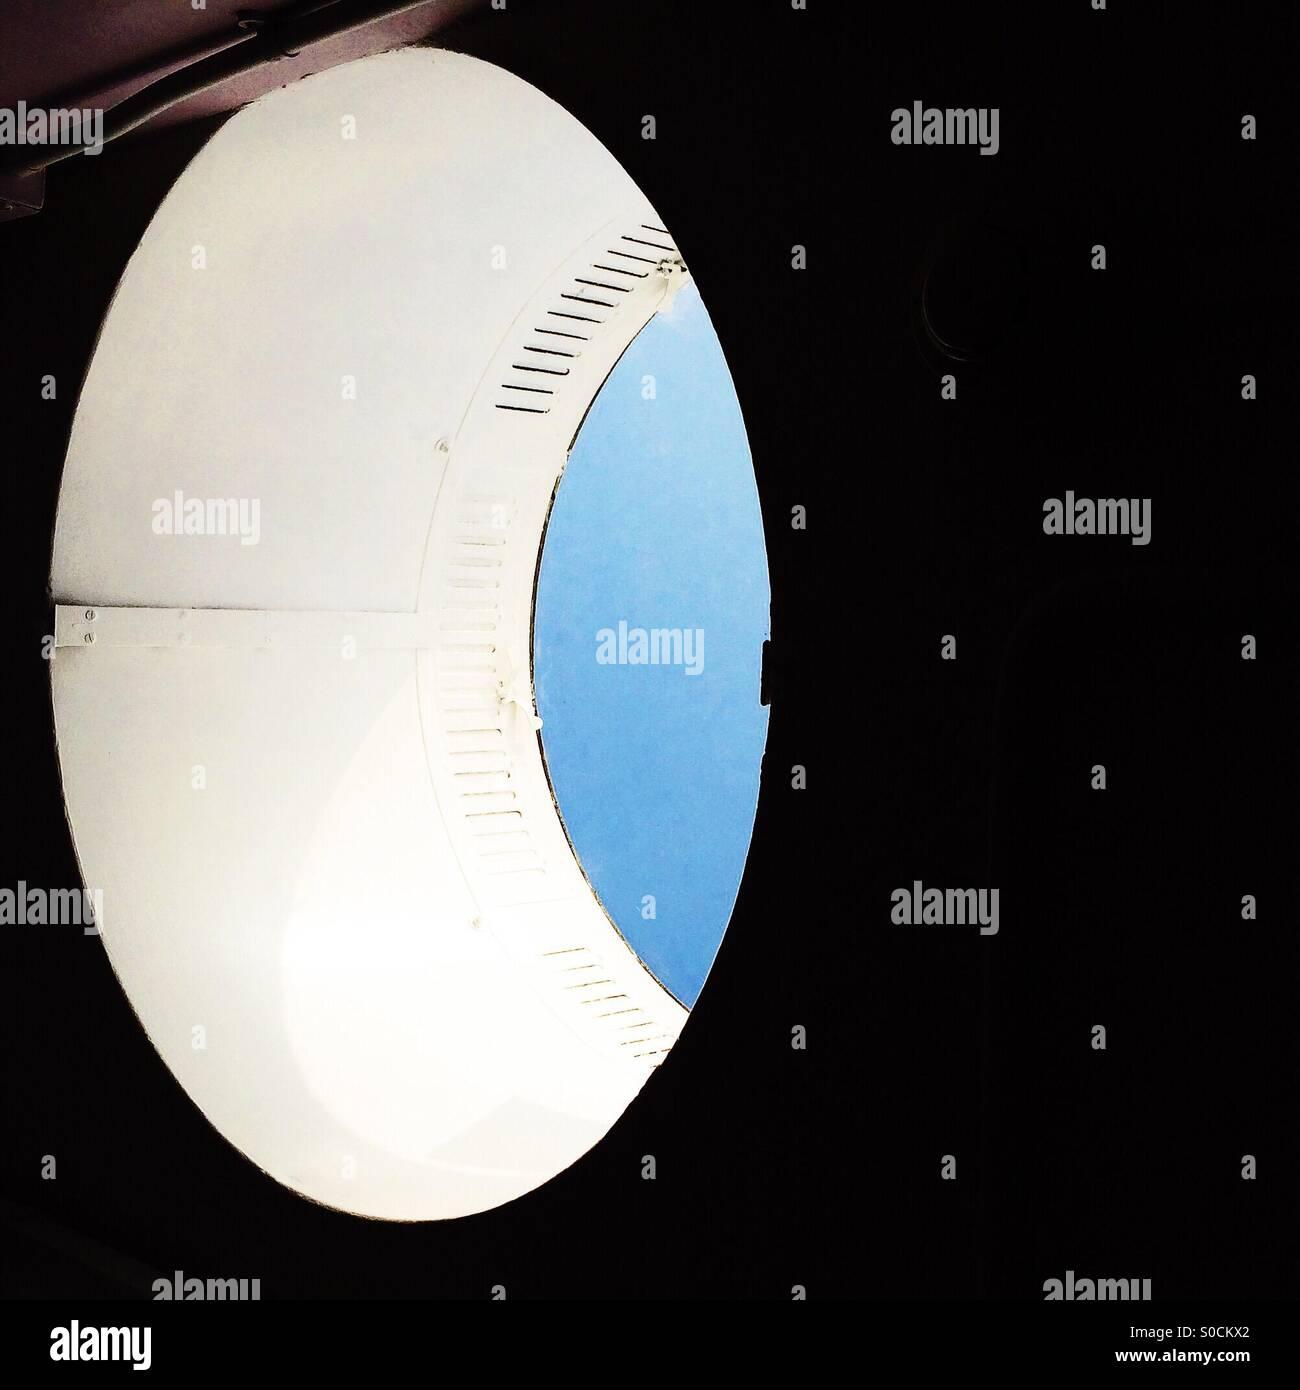 Puits de lumière elliptique abstrait Photo Stock